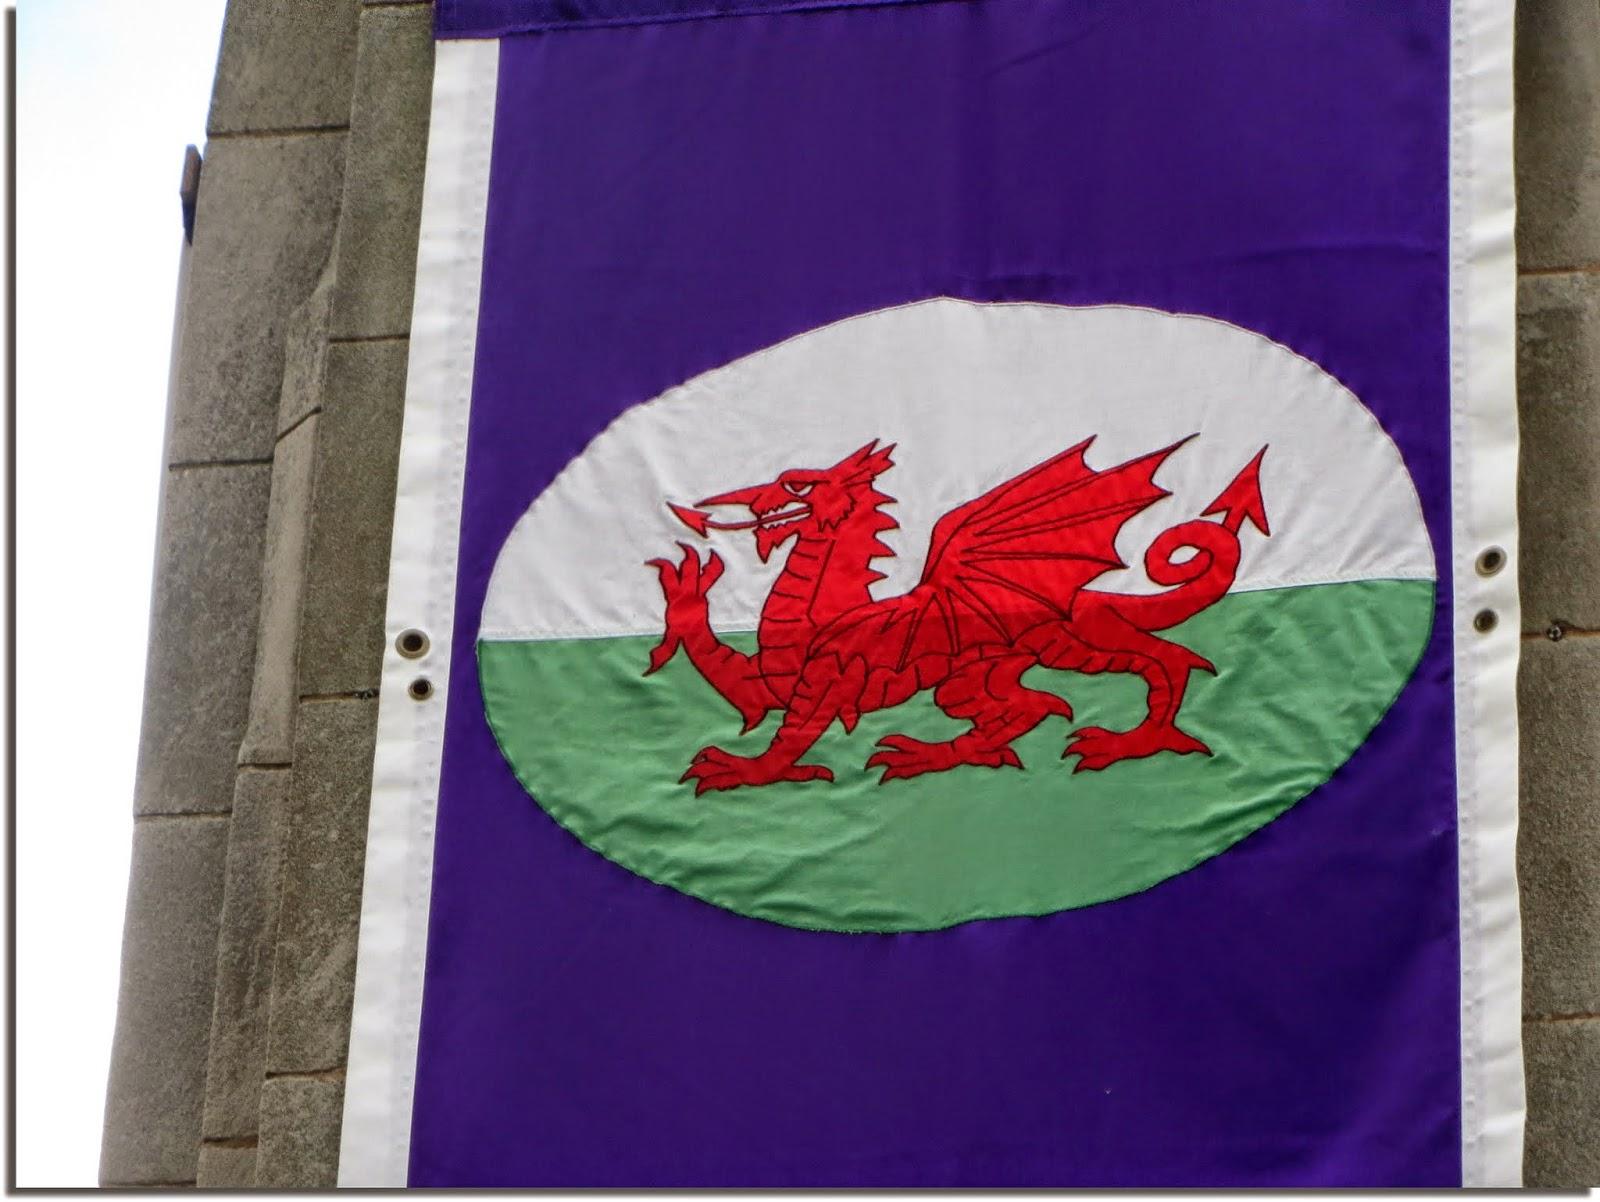 Caernarfon. Gales. Wales